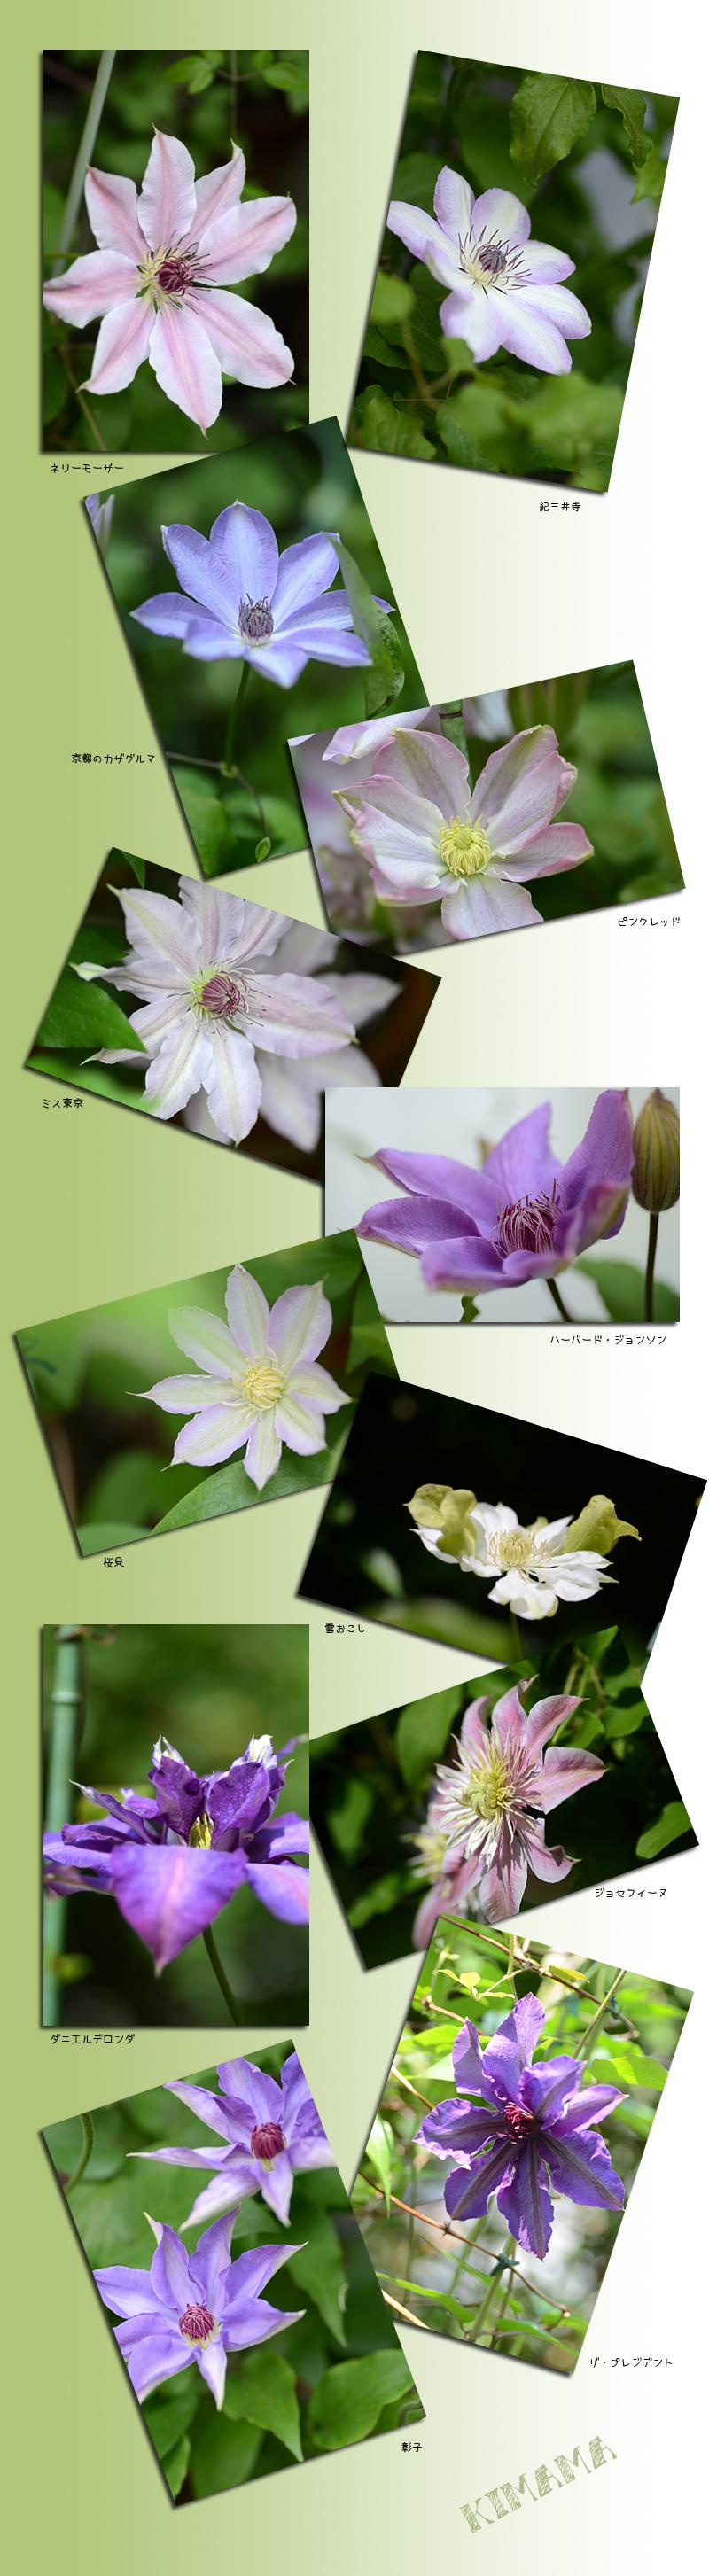 4月28日庭の花3